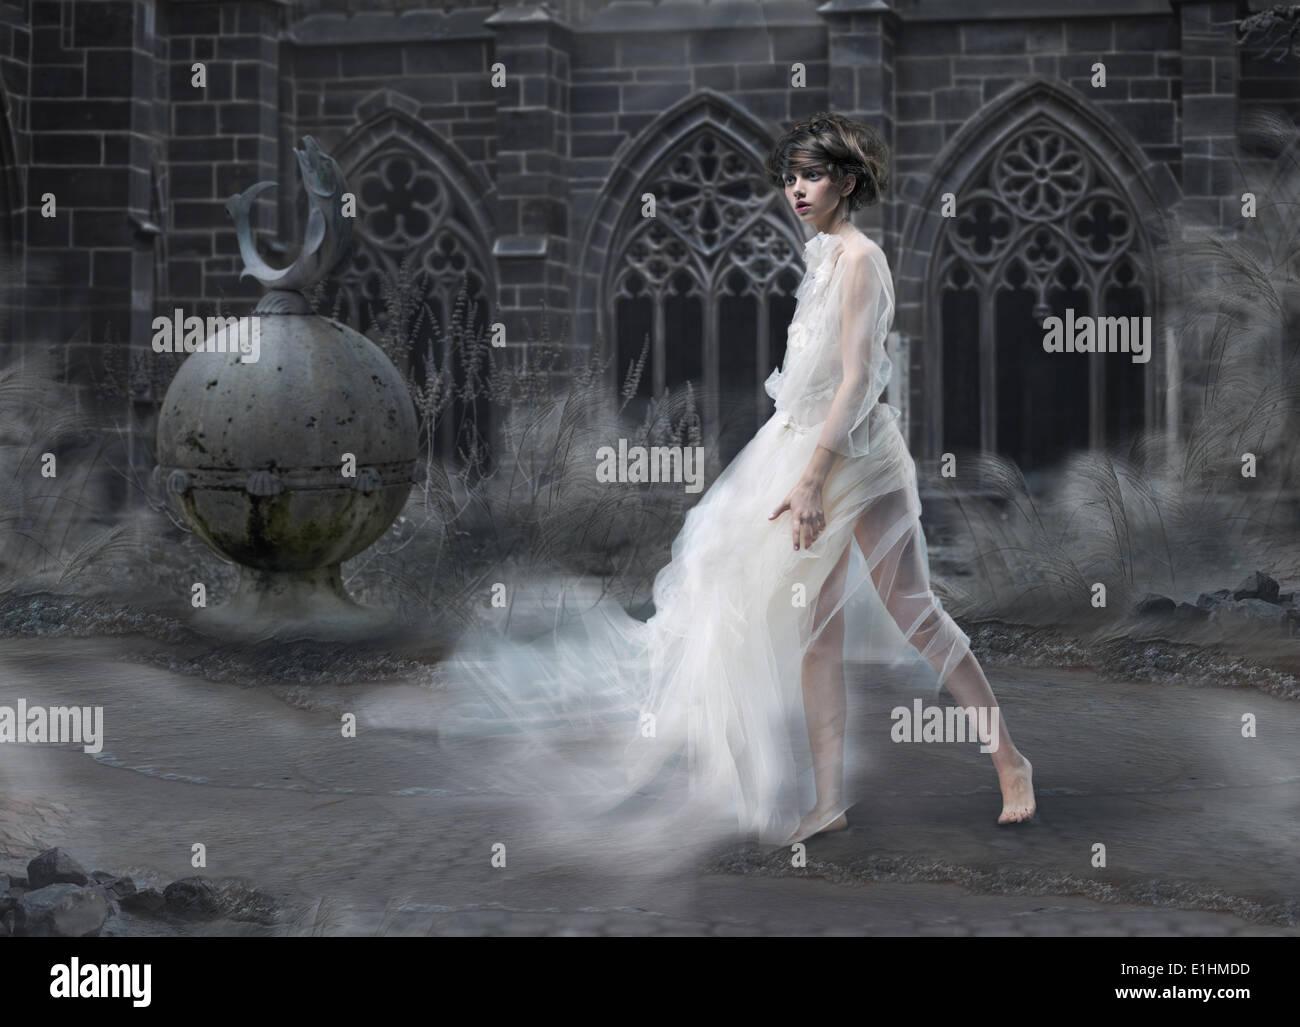 Geheimnis. Magic Woman Silhouette in alten rauchigen Burg. Mystischen alten Scenic Stockbild